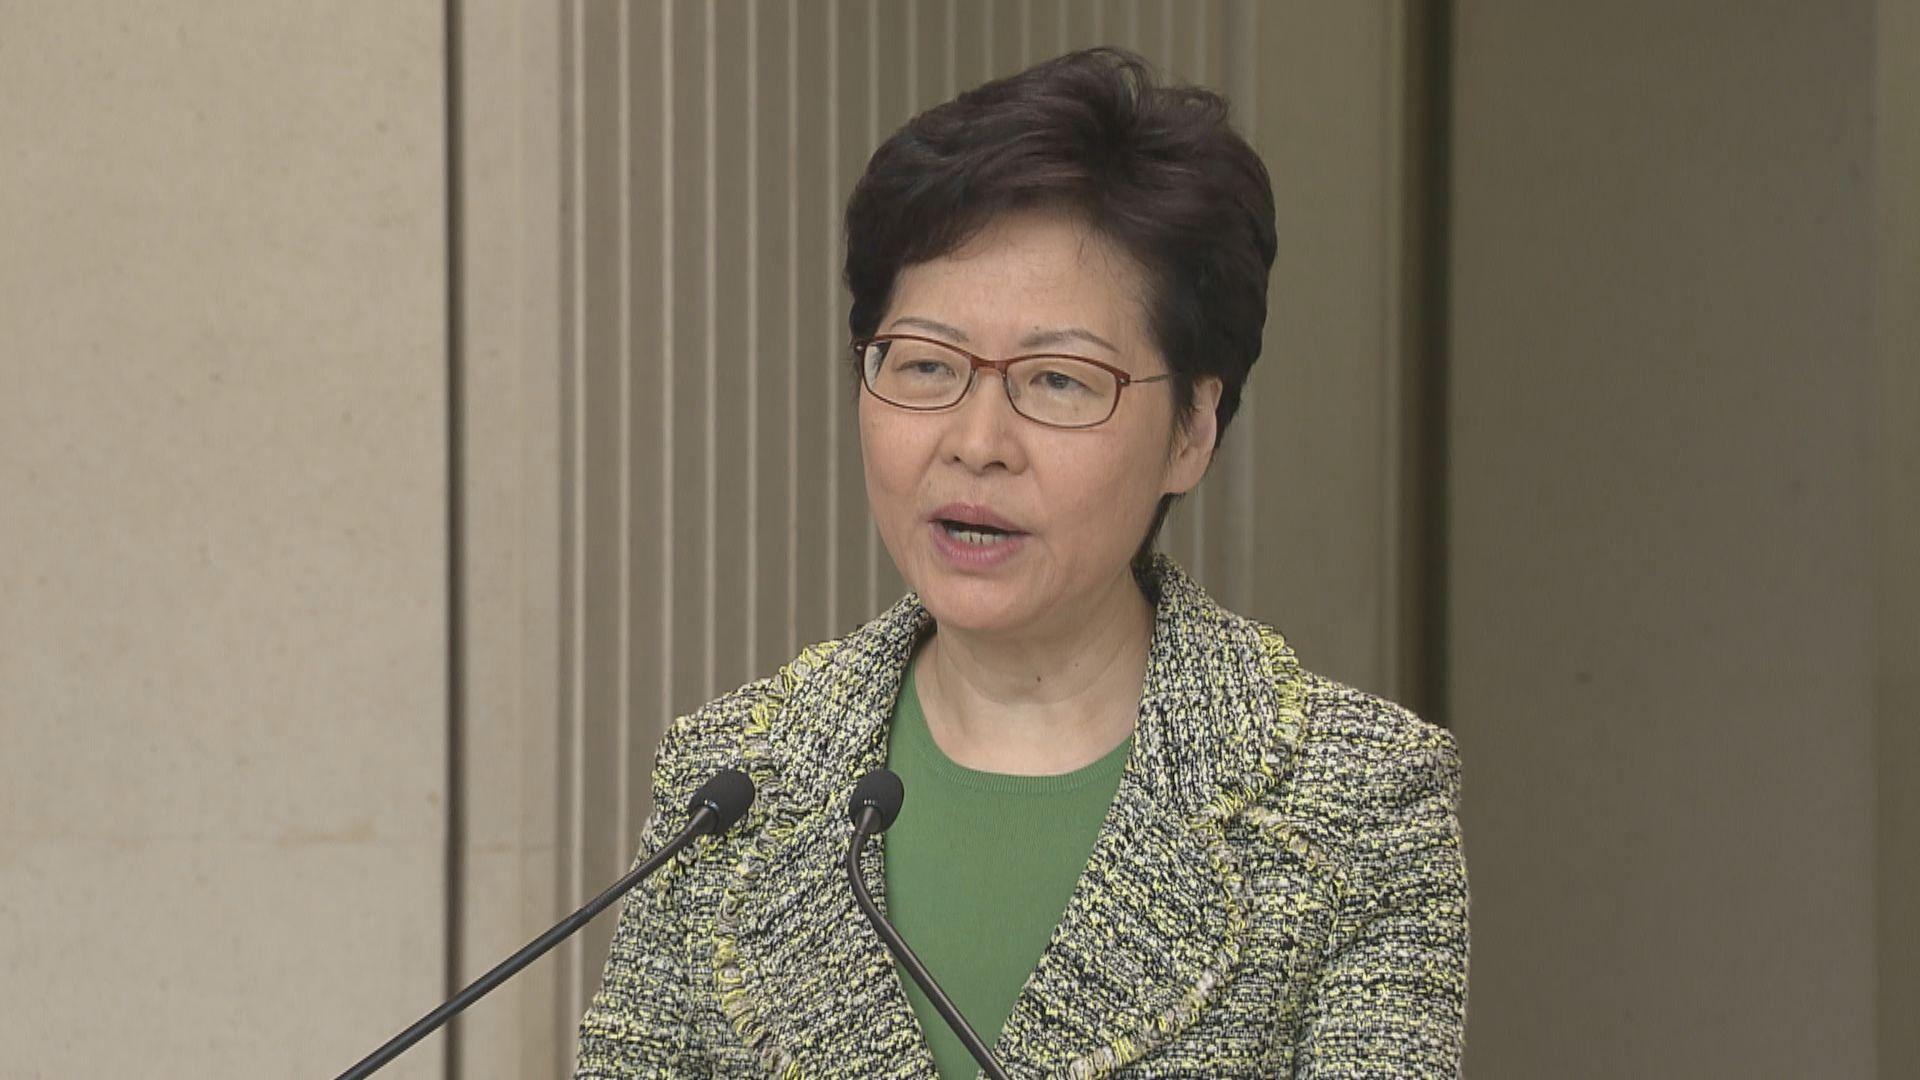 【最新】林鄭:禁帶標語僅為確保社區對話和平進行